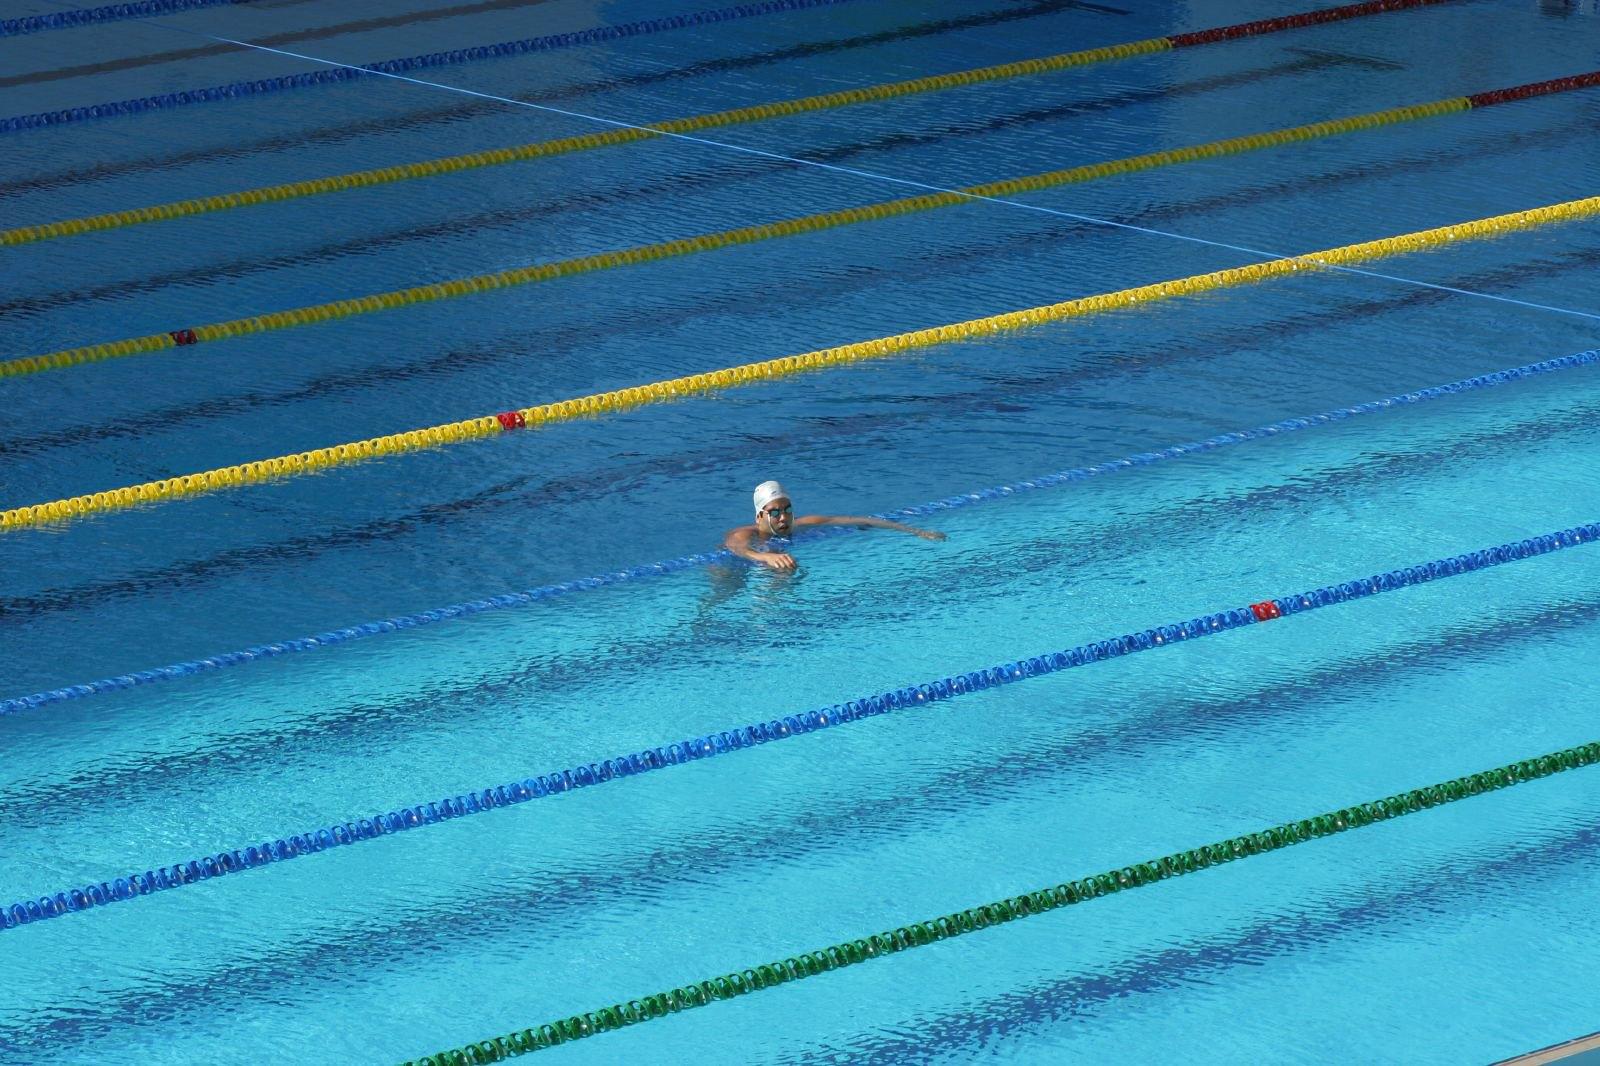 パンパシフィック水泳選手権大会2018男子 結果速報・日本代表・日程チケット・テレビ放送